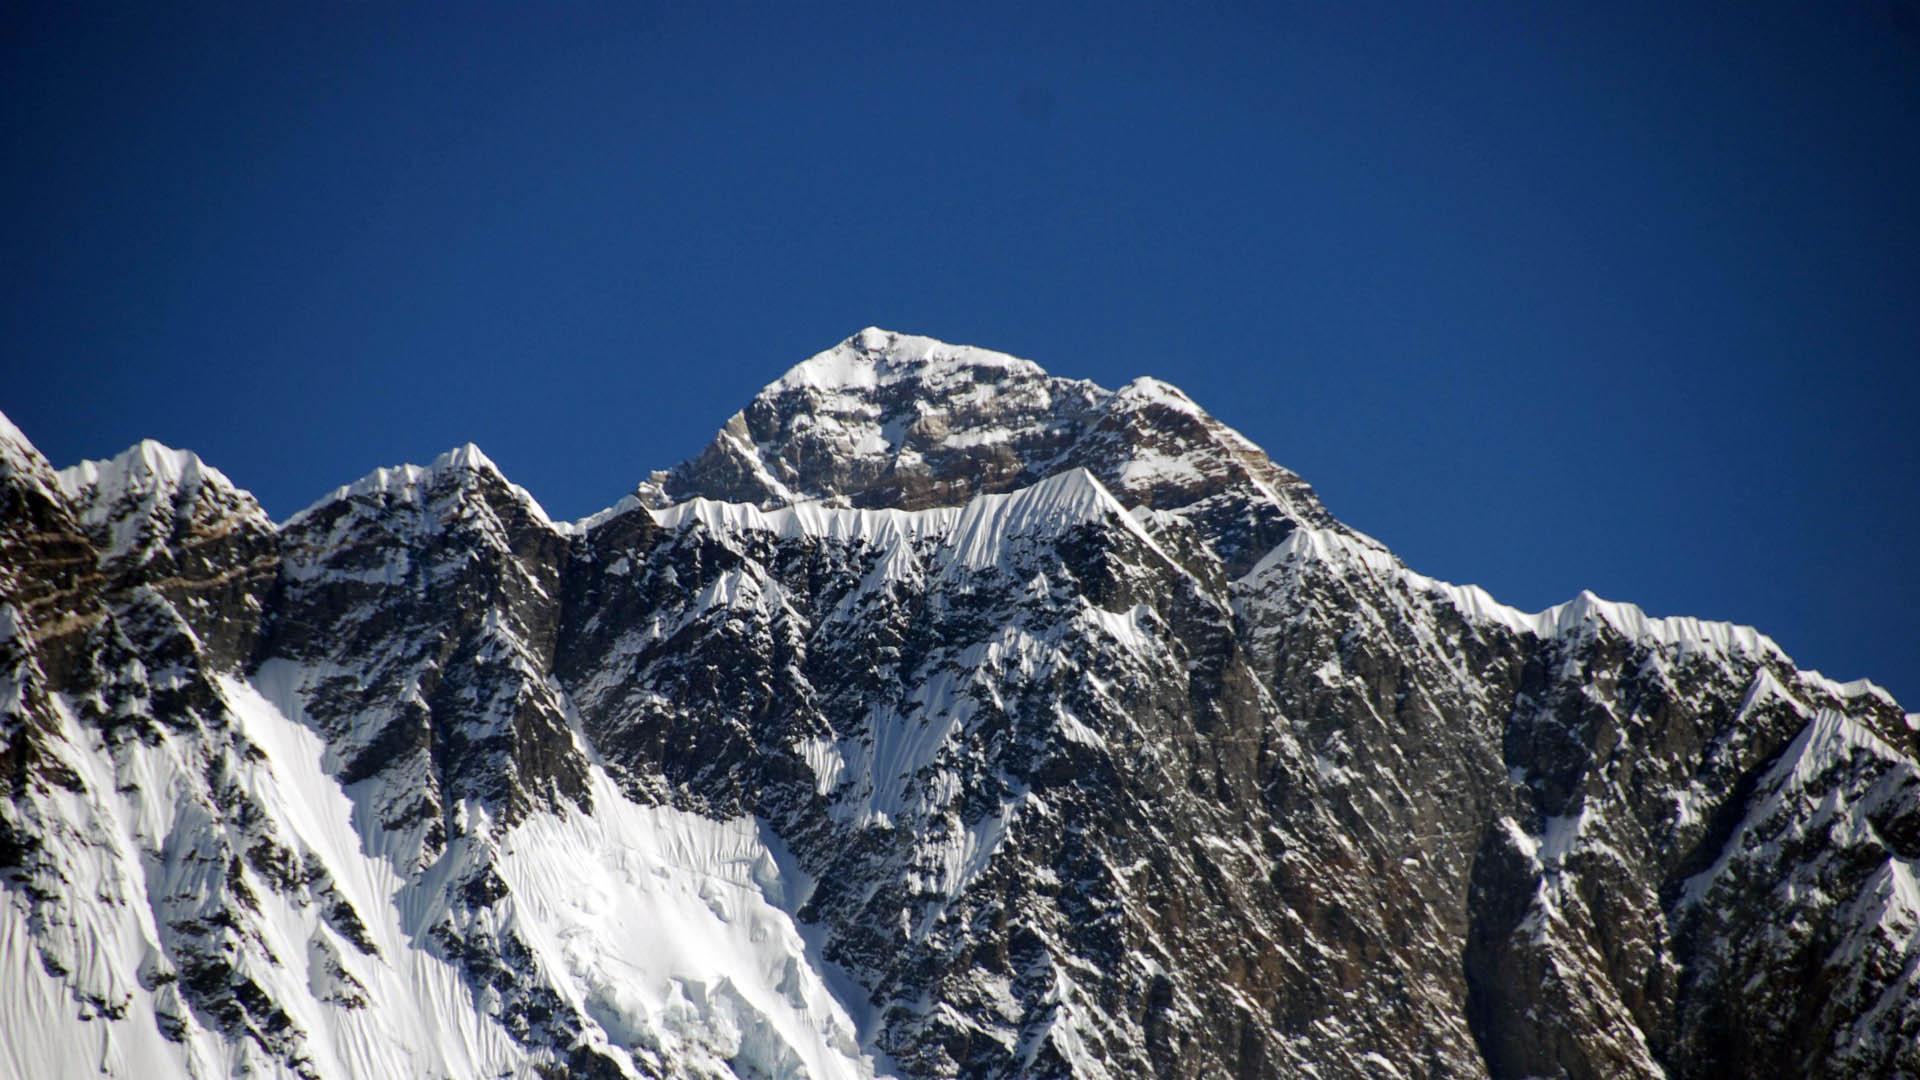 Este 25 de septiembre un grupo de mantañistas nacionales da inicio a una larga aventura que tiene como destino el valle del Khumbu, Nepal